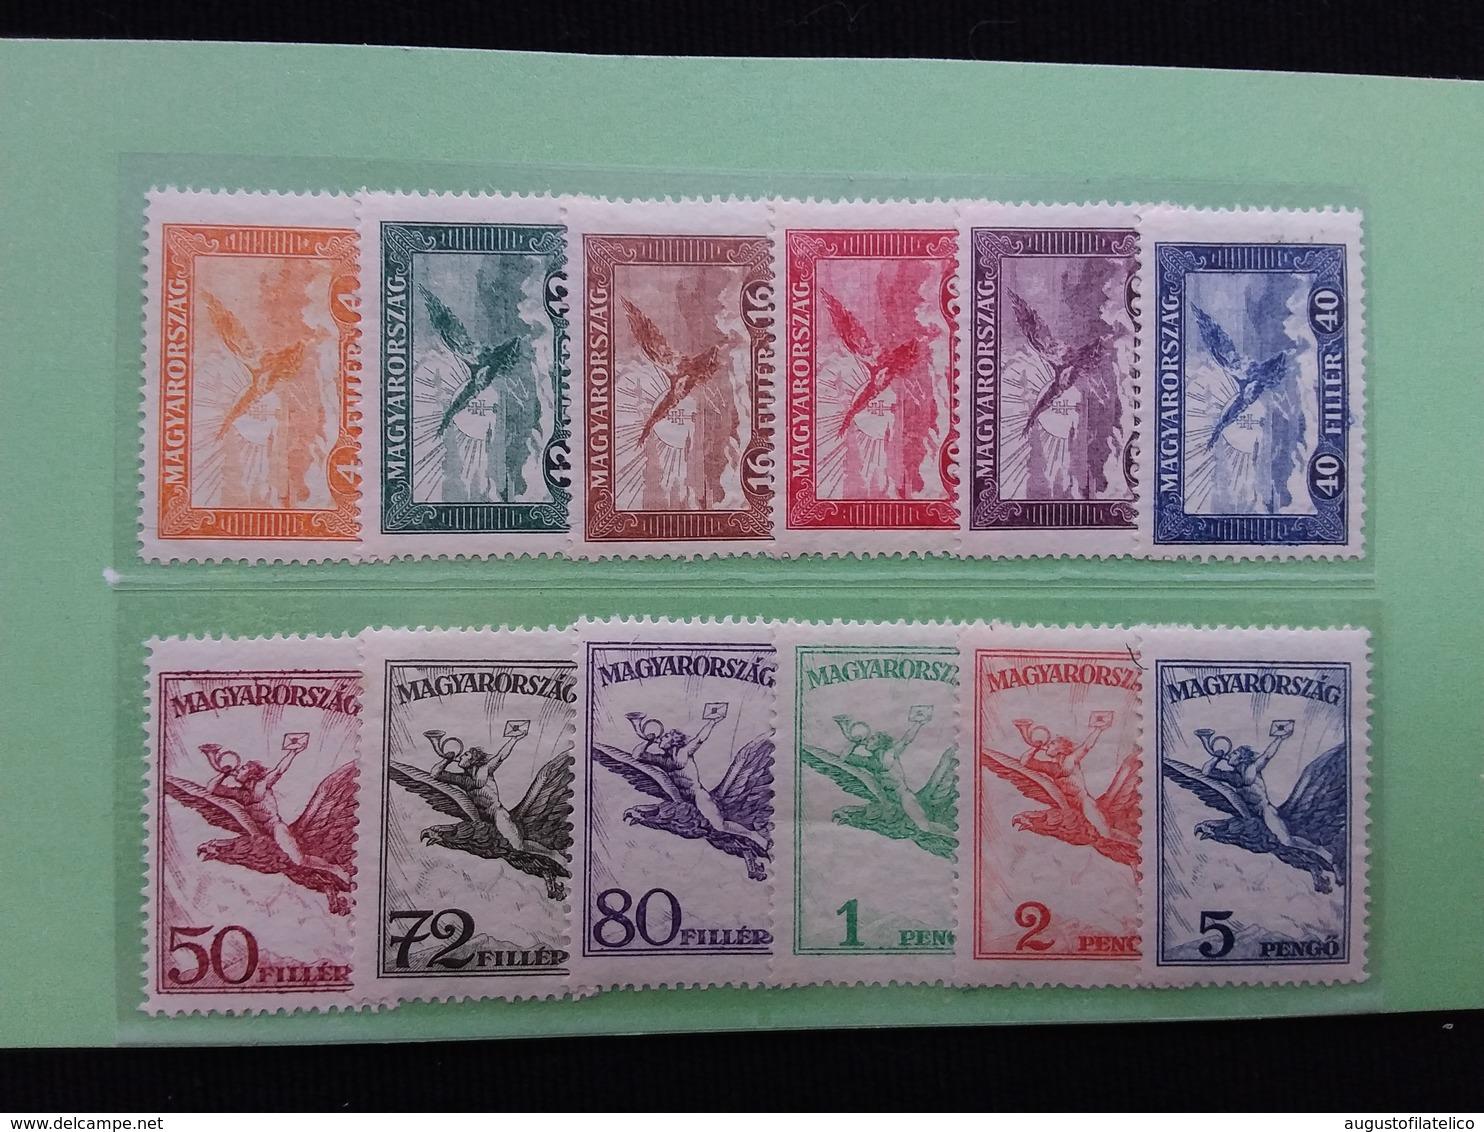 UNGHERIA 1927/30 - Posta Aerea Nn. A12/19 + A20/23 Nuovi * + Spese Postali - Ungheria